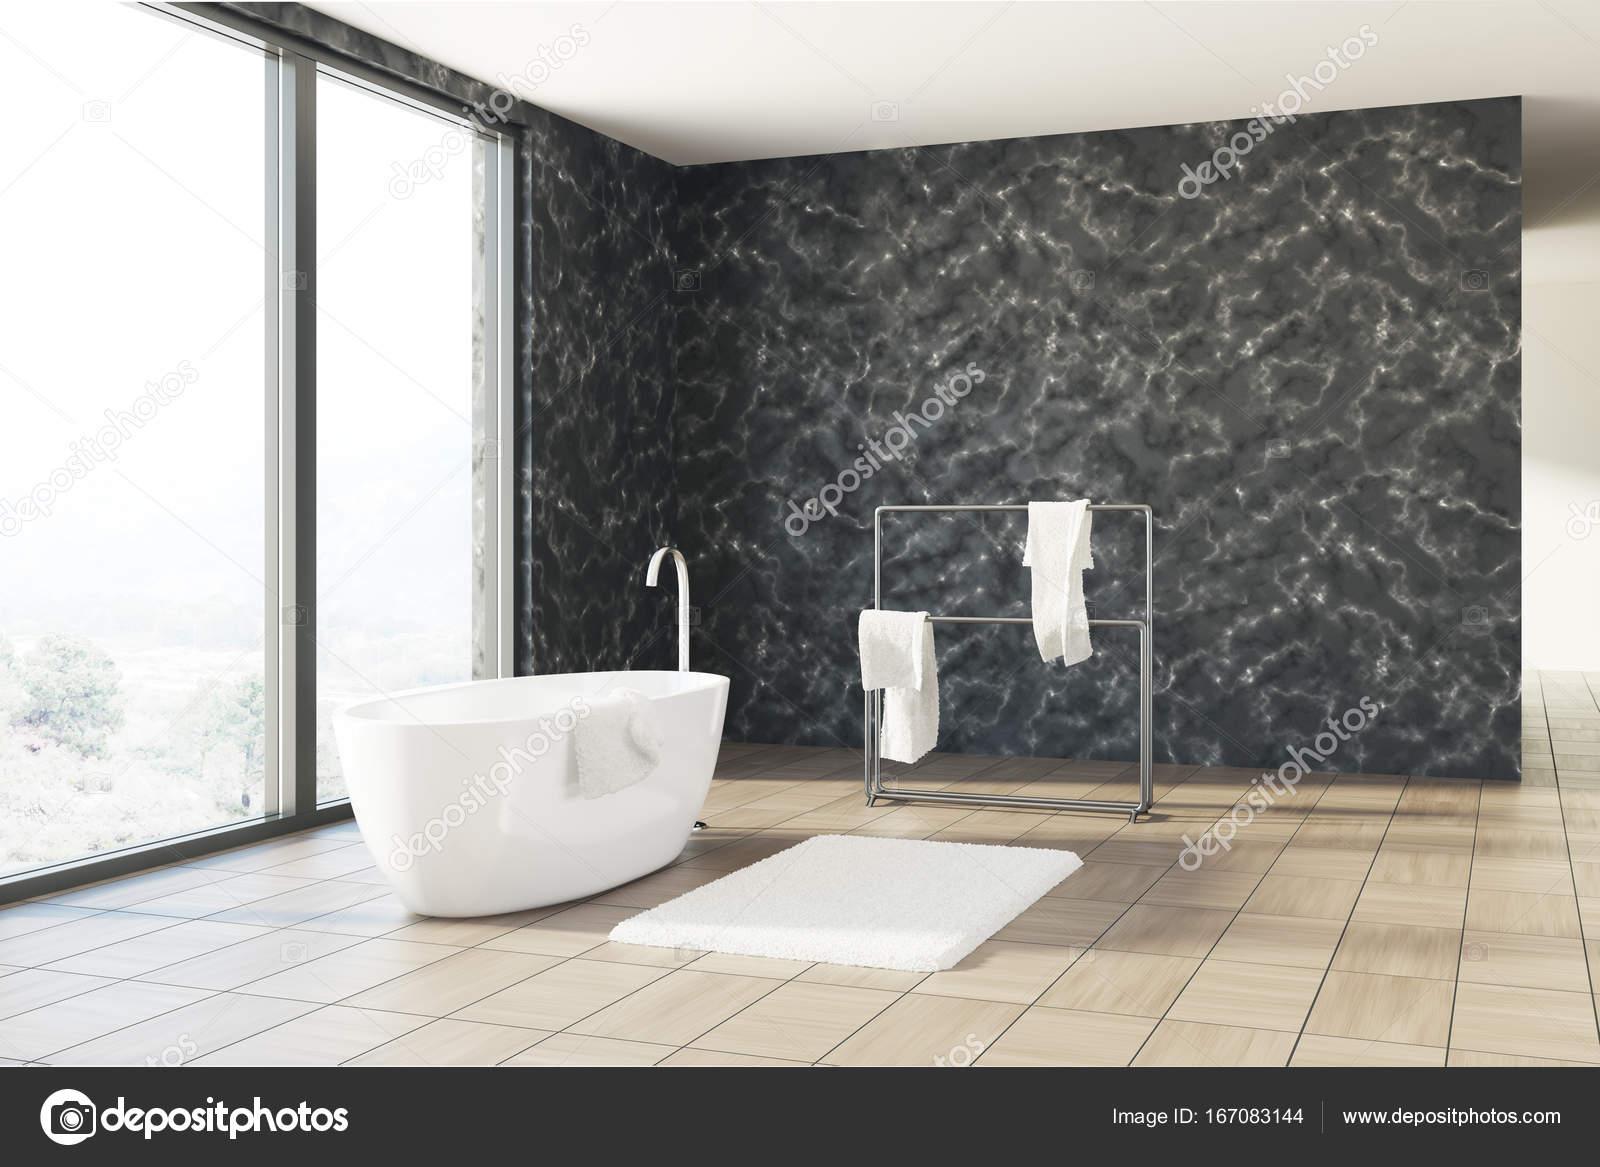 Vasca Da Bagno Marmo : Vasca da bagno in marmo nero bianco u foto stock denisismagilov